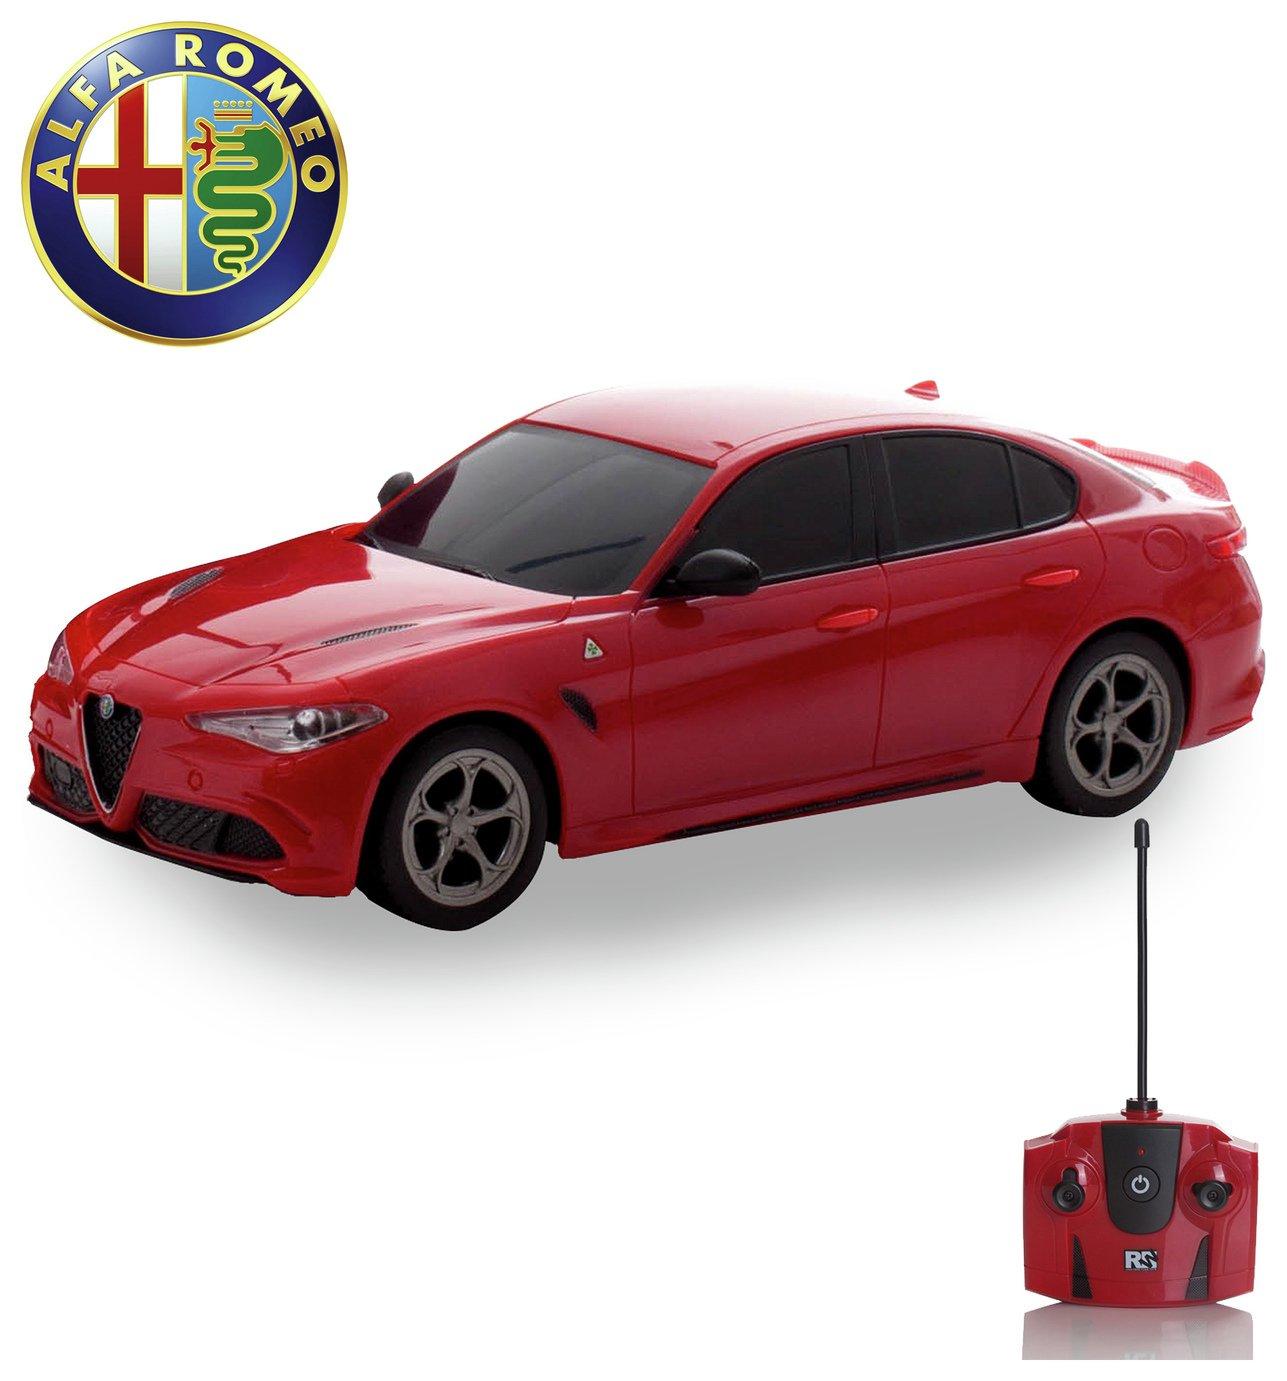 Image of Alfa Romeo Quadrafoglio 1:24 RC Car - Red